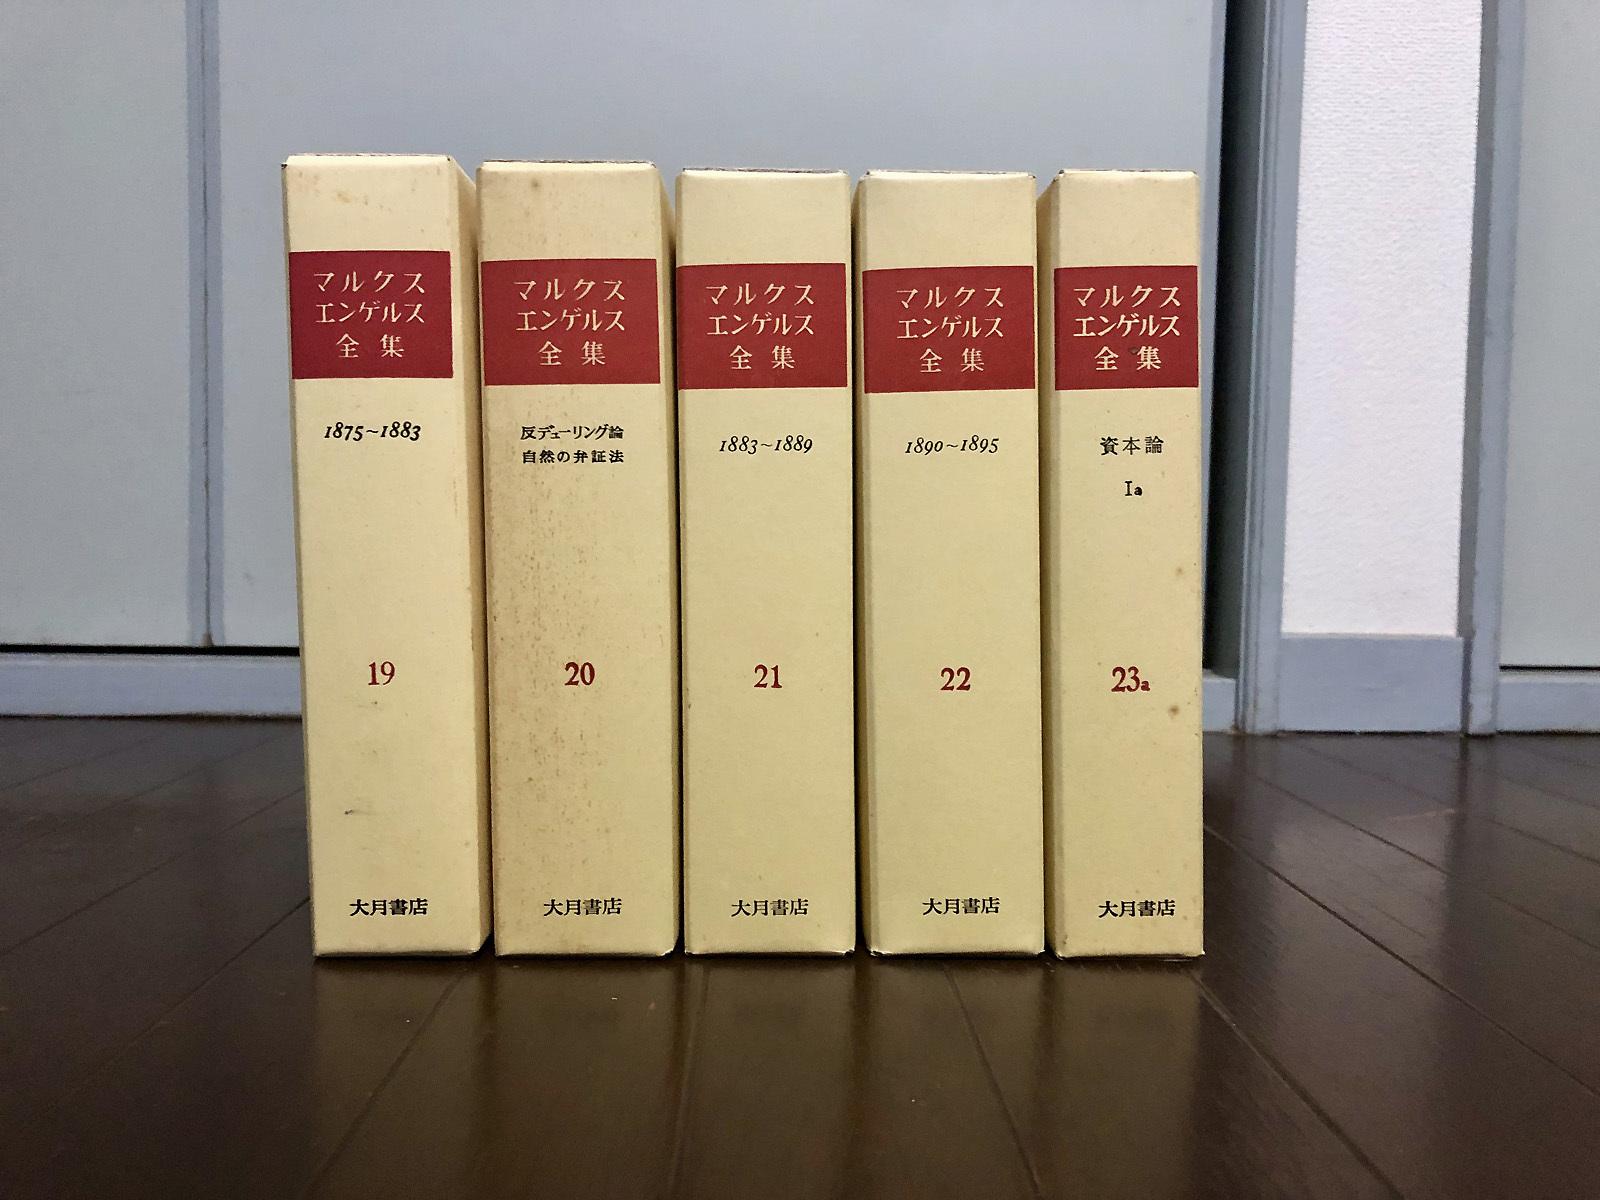 マルクス・エンゲルス全集を全巻読むことにした_e0367501_21305653.jpg